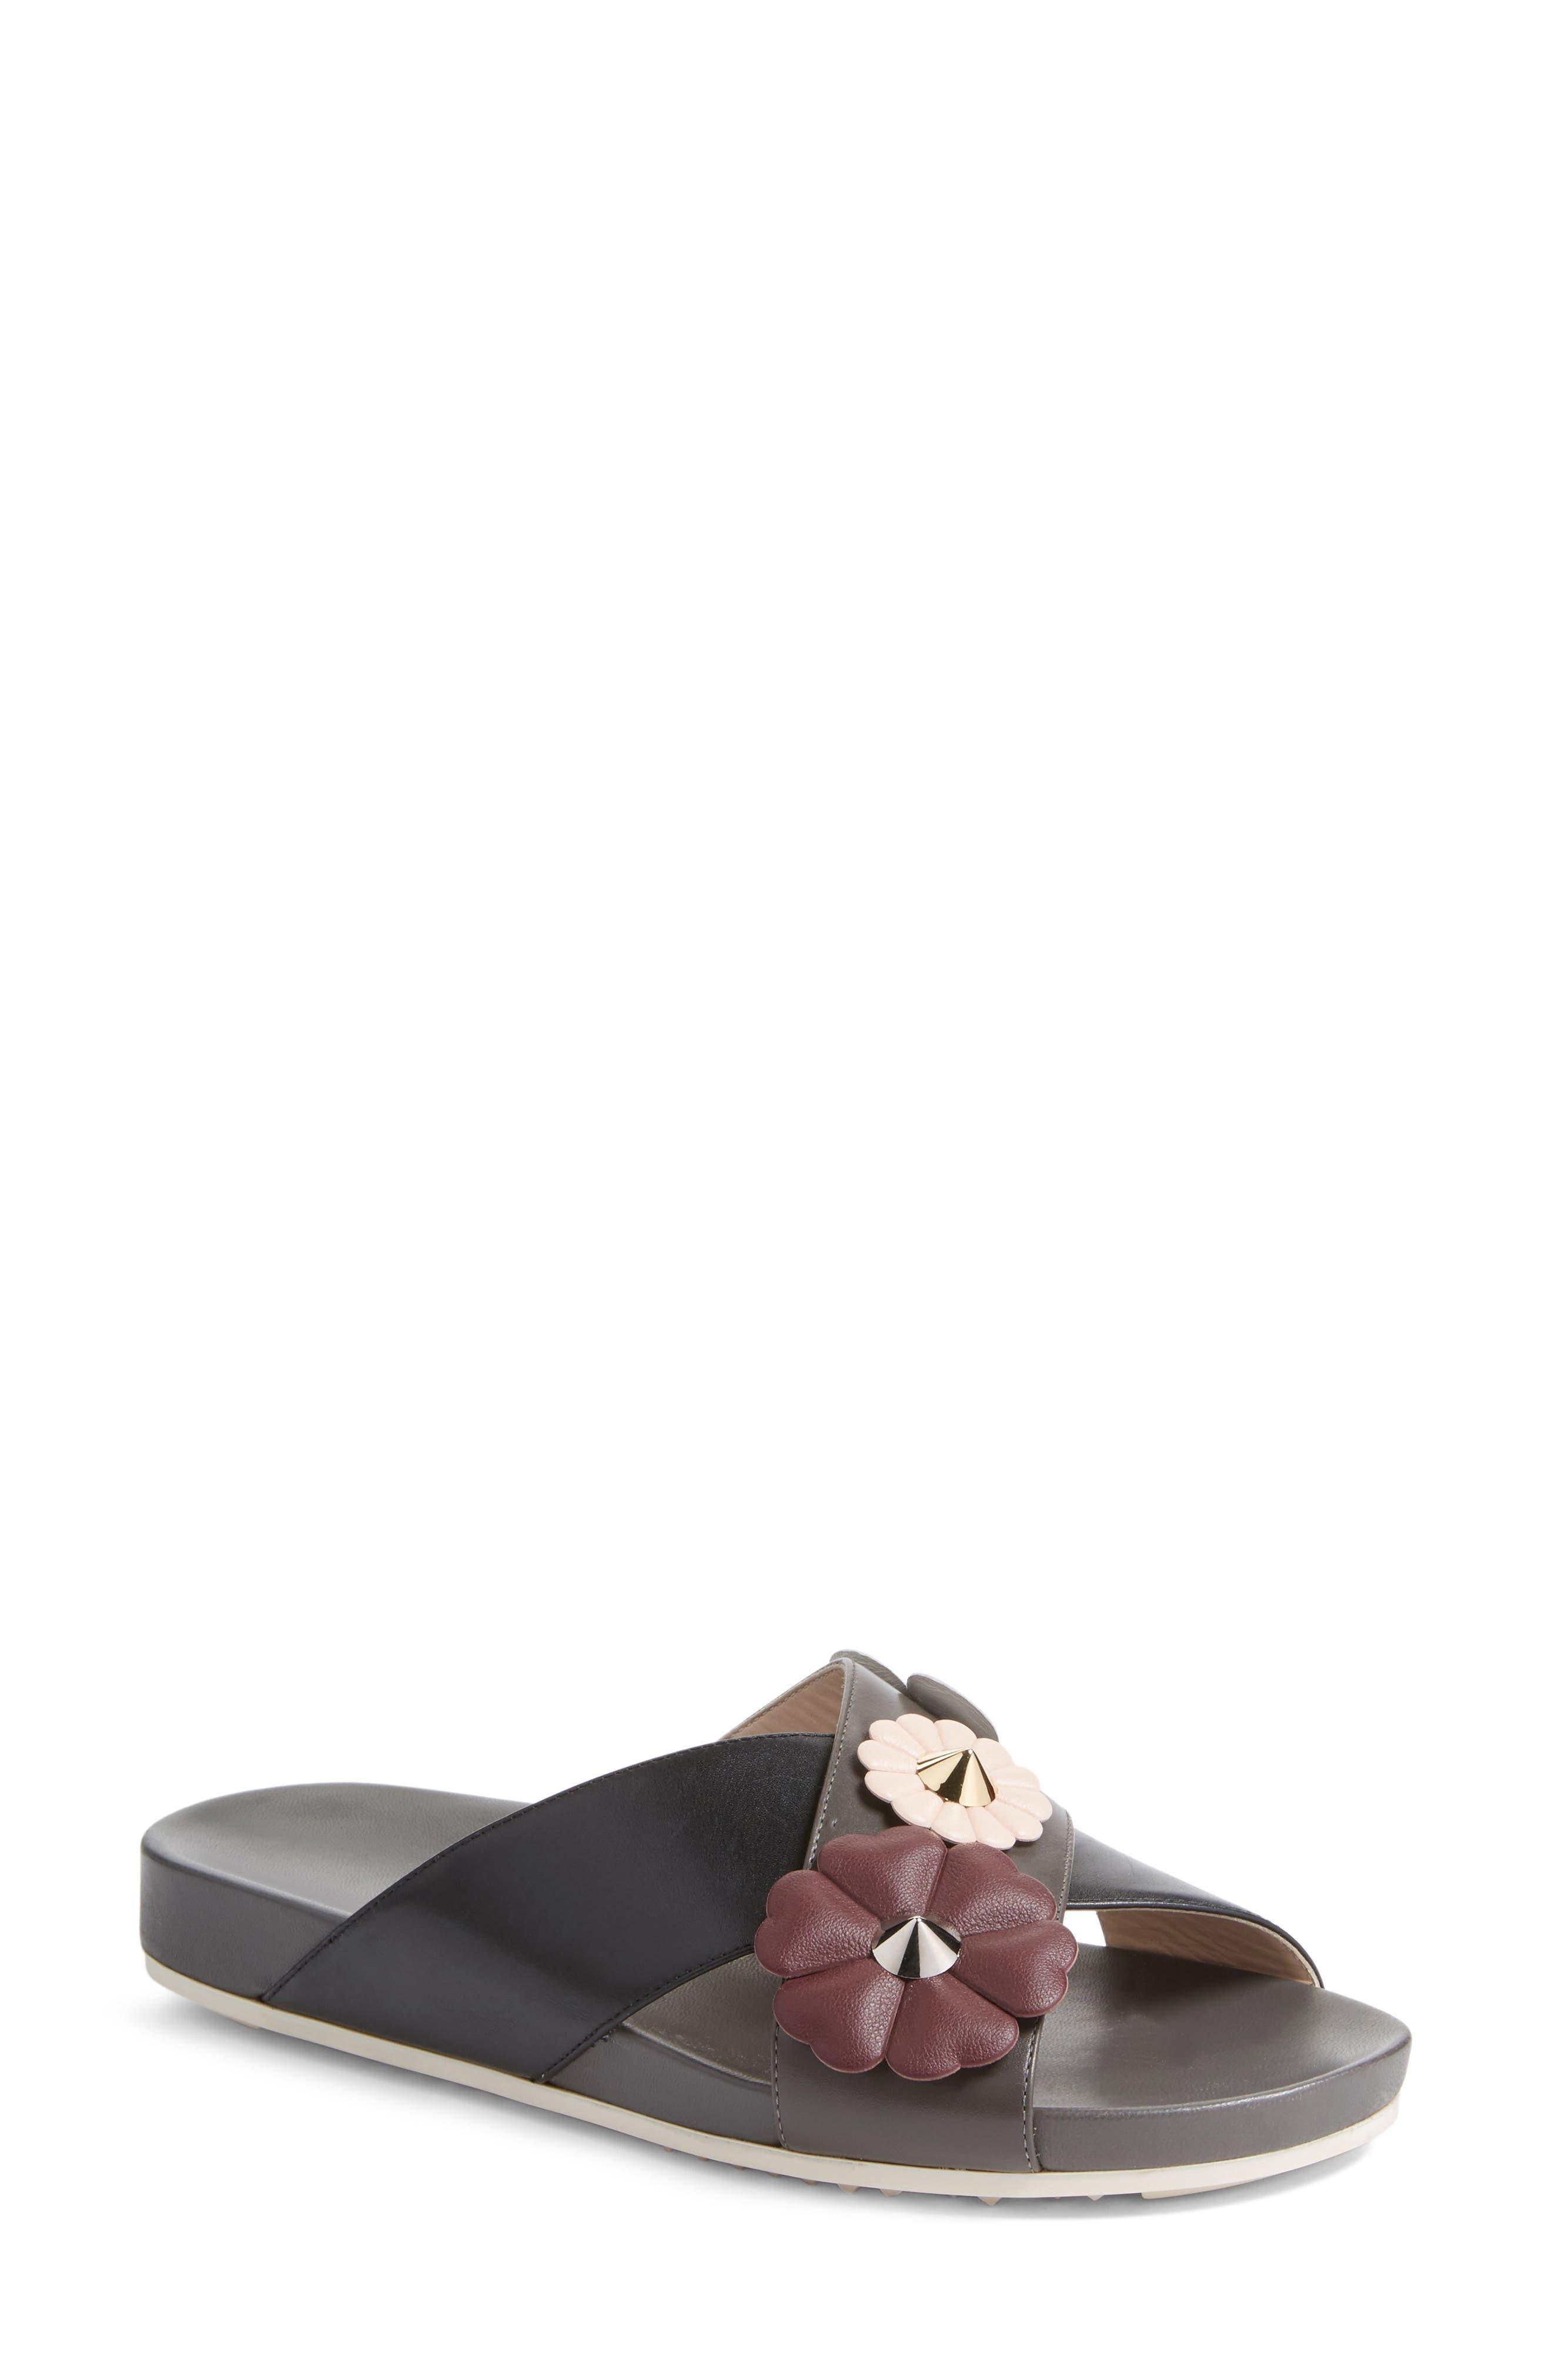 Fendi Flowerland Slide Sandal (Women)